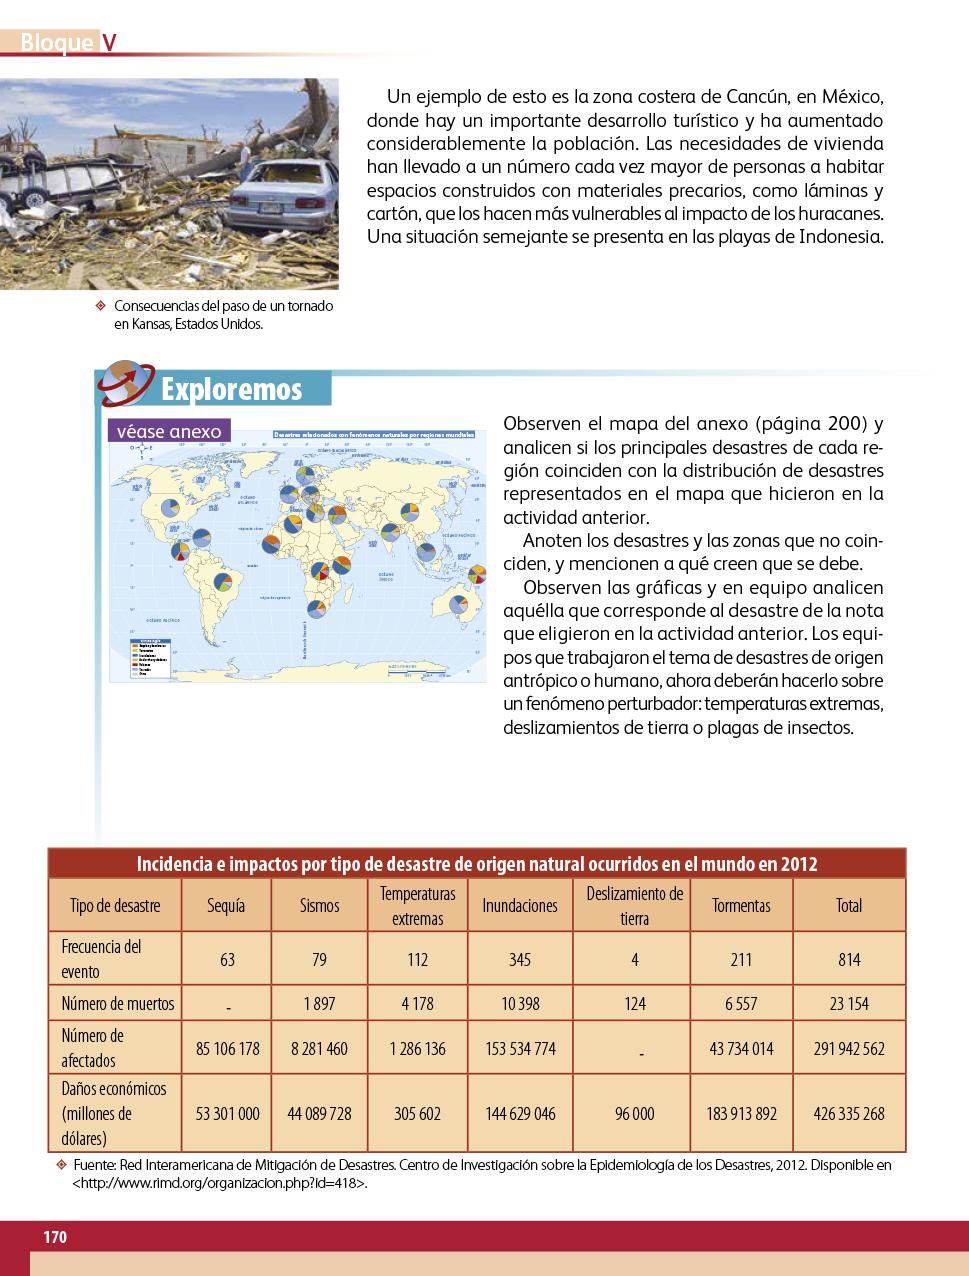 Geografia Quinto Grado Pagina 30 Respuestas : geografia, quinto, grado, pagina, respuestas, Geografía, Quinto, Grado, 2017-2018, Página, Libros, Texto, Online